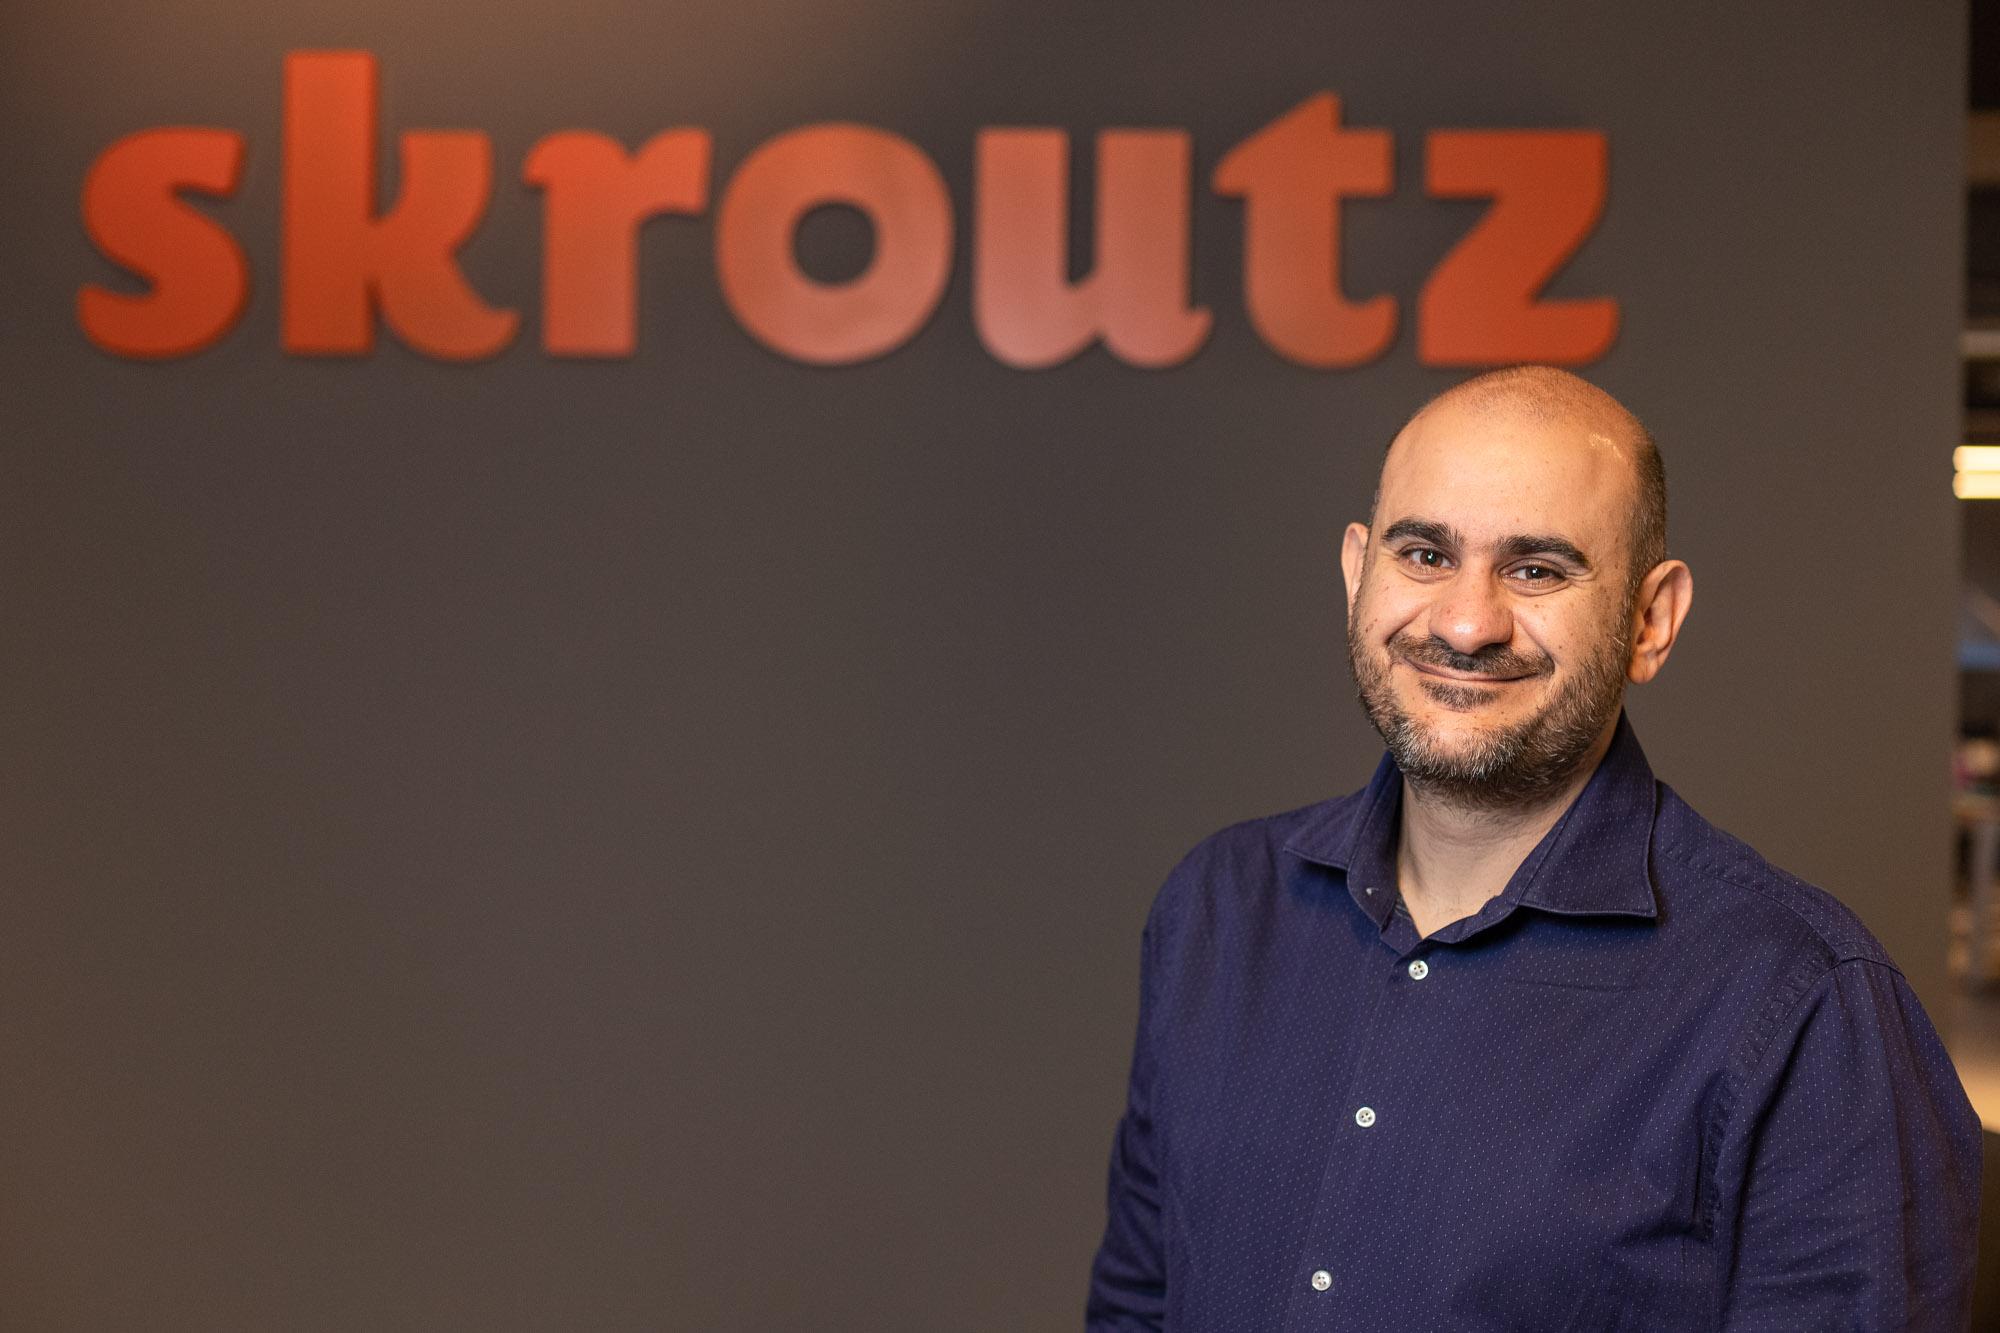 """Στα """"ύψη"""" οι πωλήσεις στην φετινή Black Friday – Τα στοιχεία του Skroutz"""